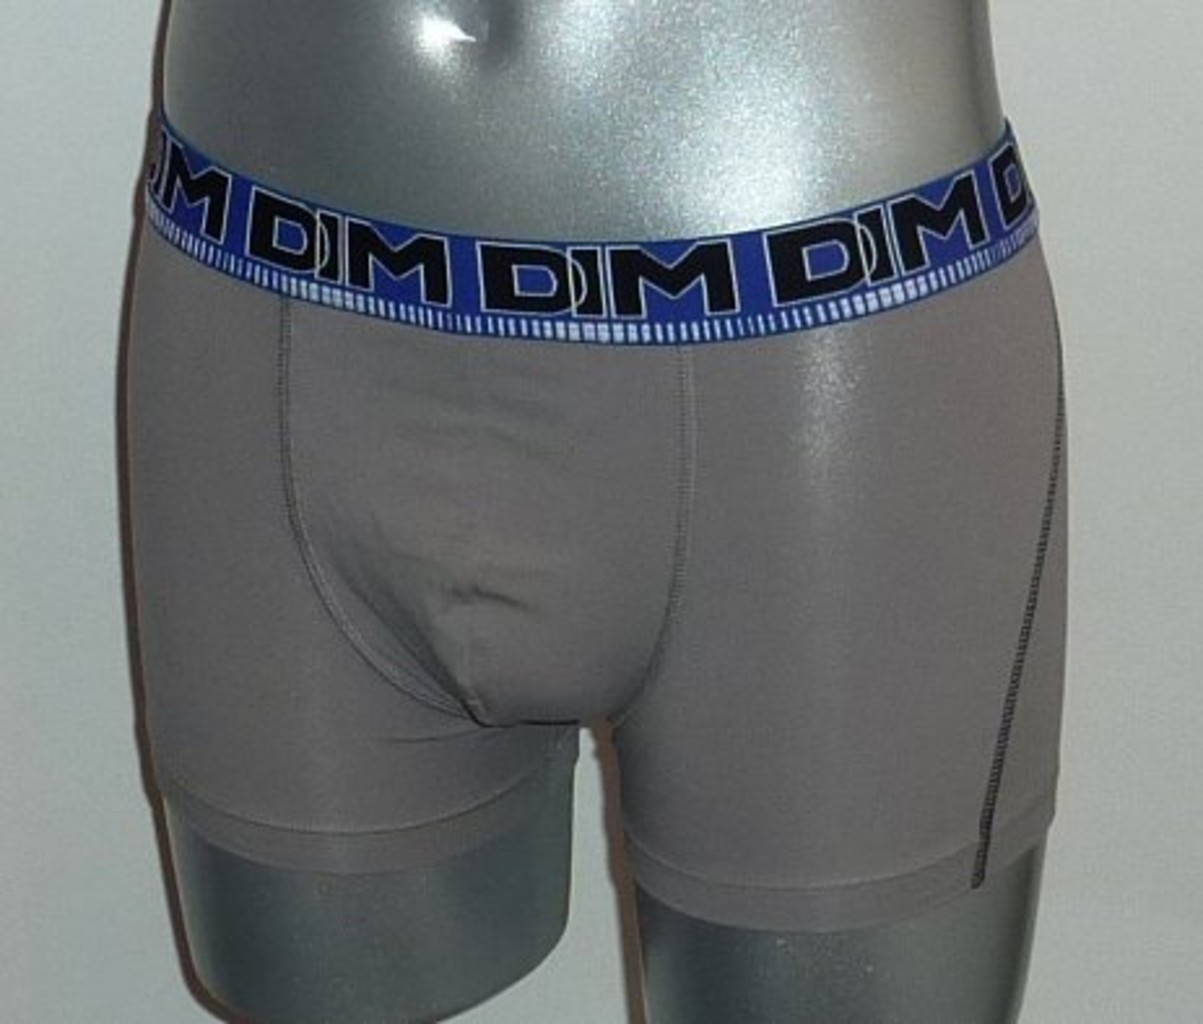 Dim ondergoed Dim 3D Flex Cotton Stretch boxershortset kleur kobaltblauw & grijs